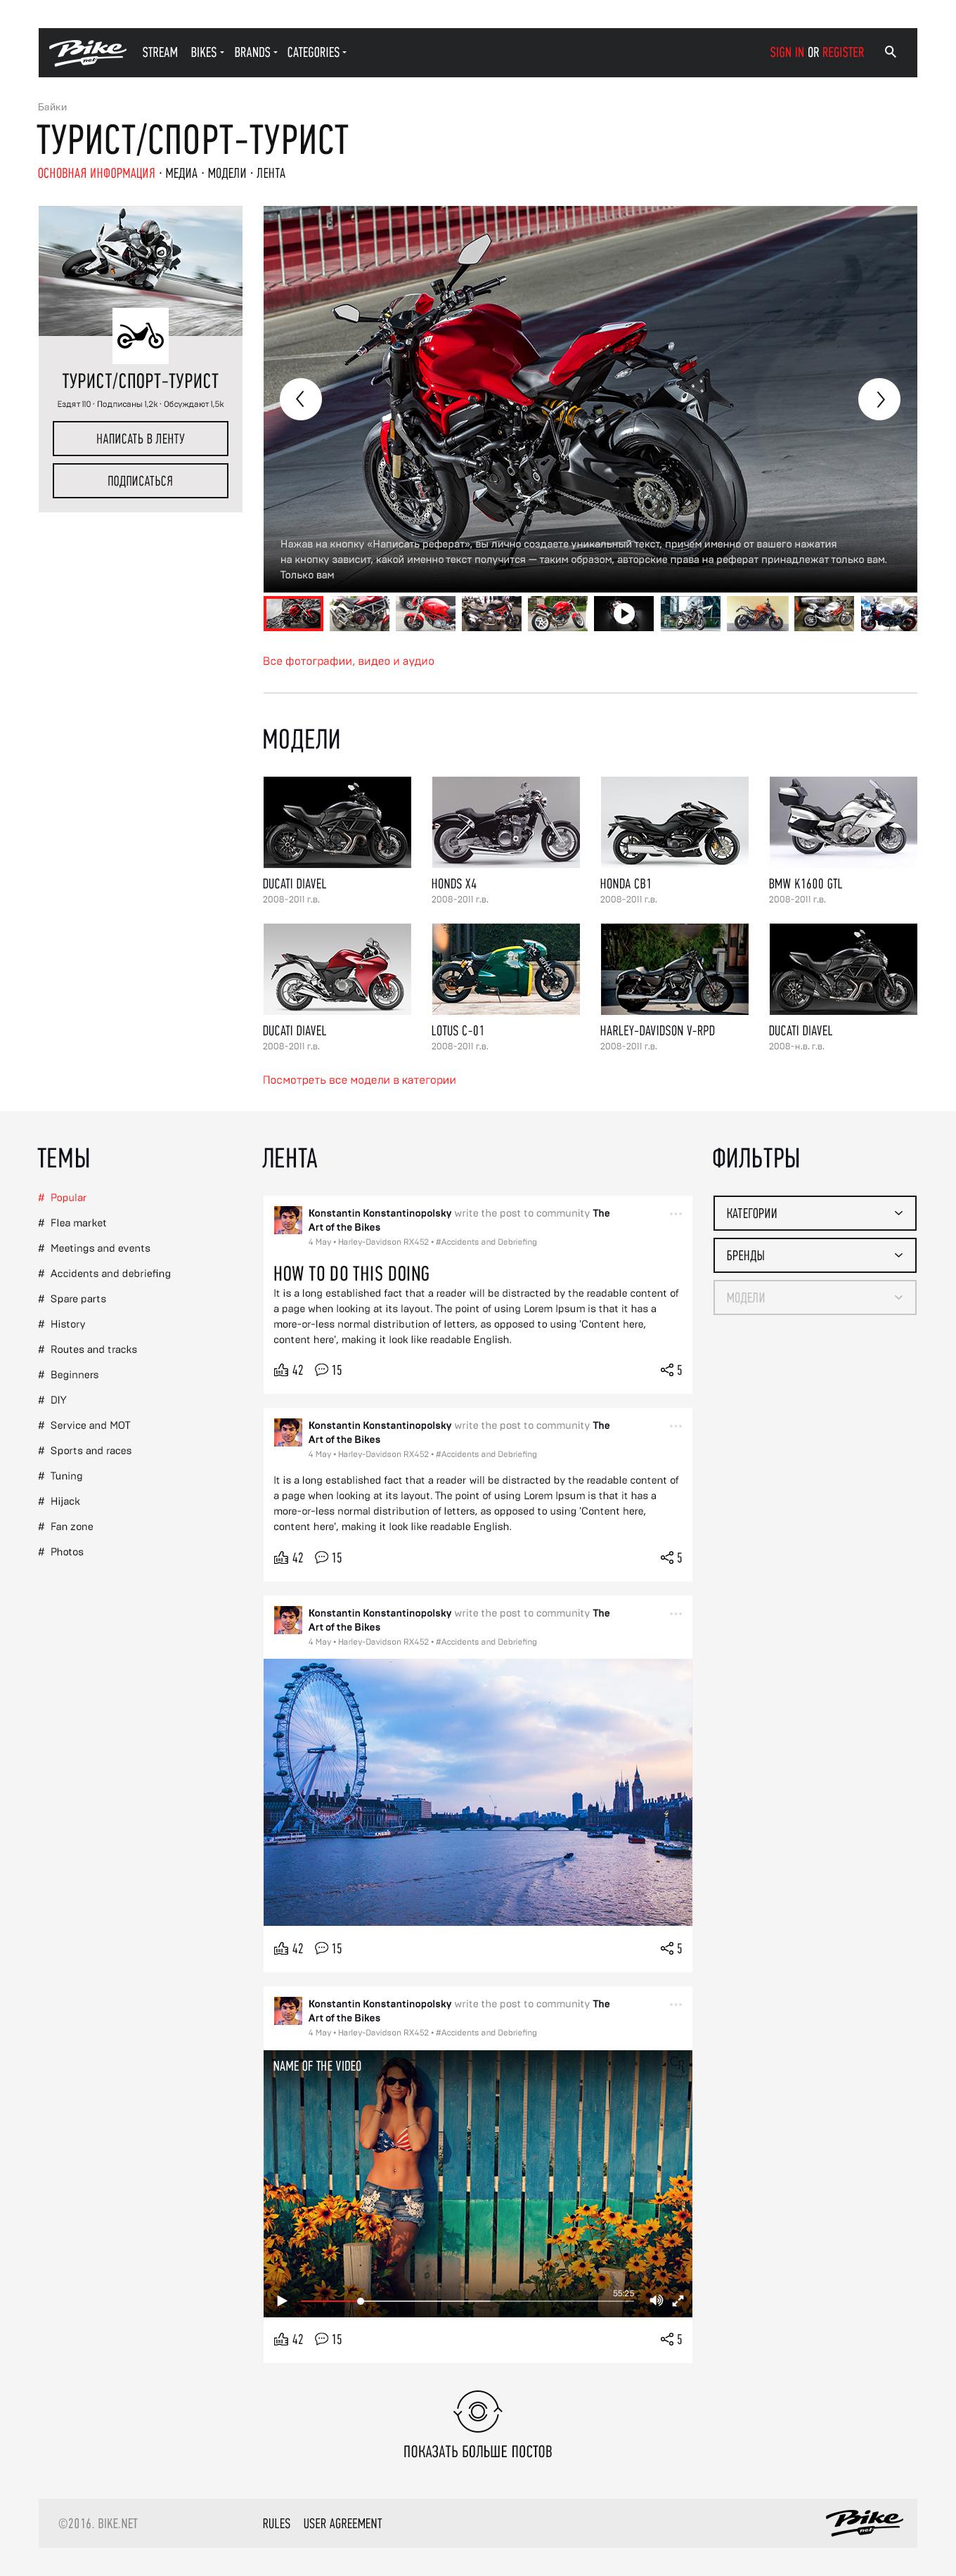 bikenet_category